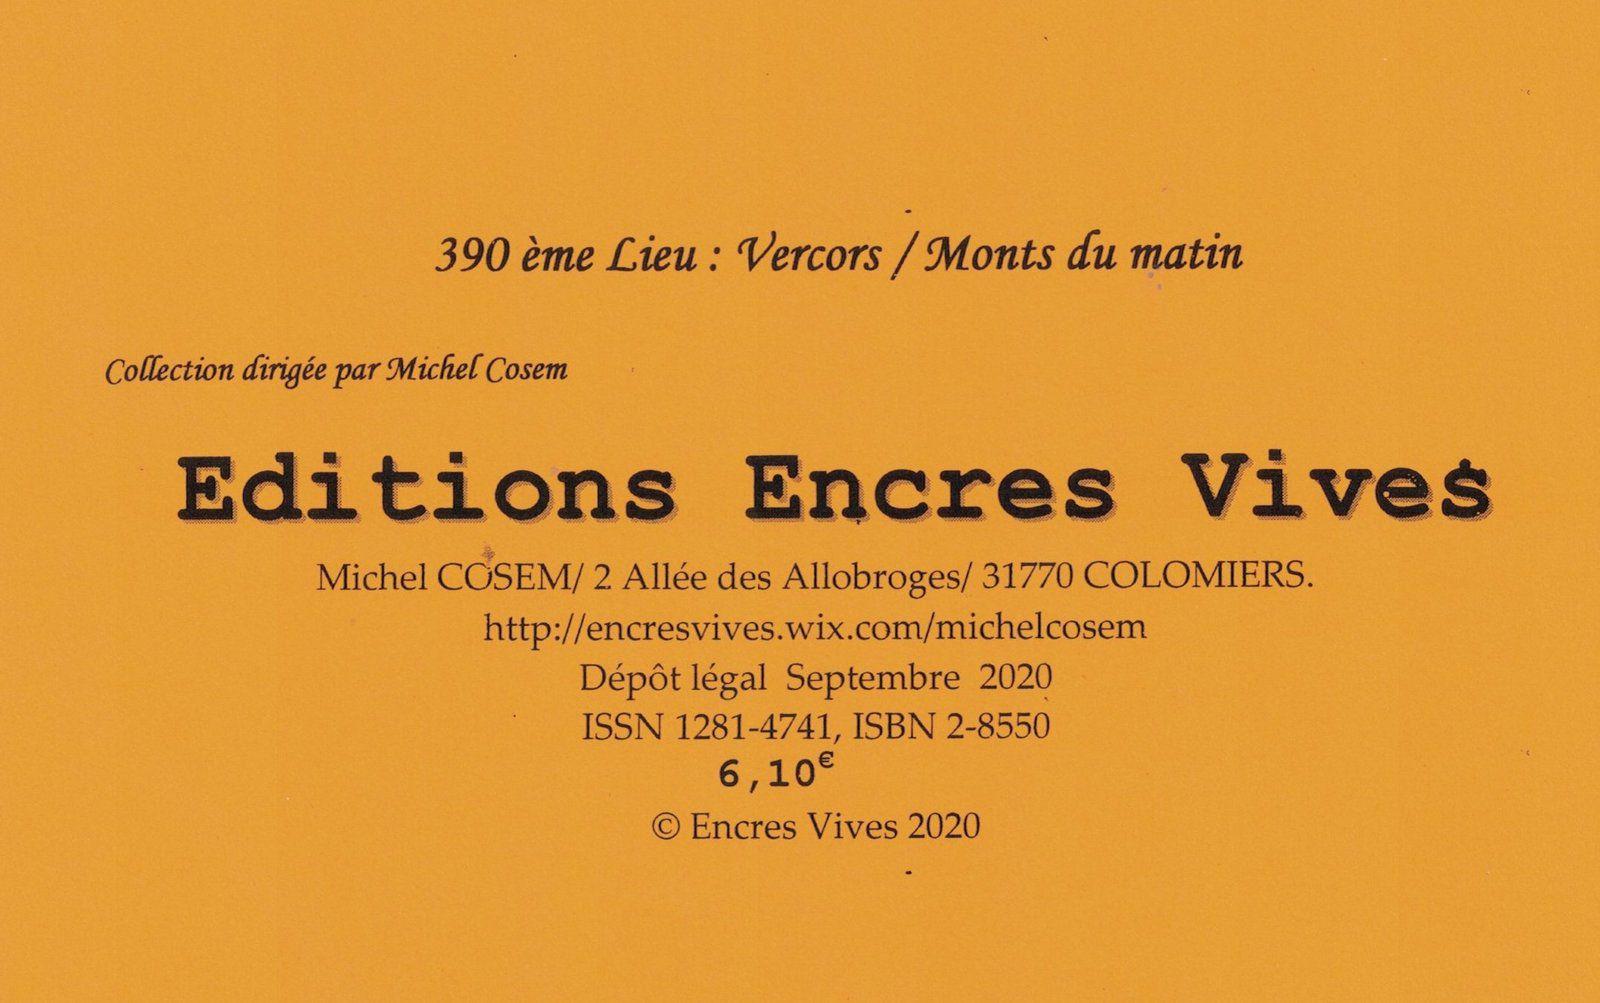 """"""" Ce printemps, les Monts rêvés"""" ( Extraits. Poèmes de Régis Roux, dessin de Yuko Yotsuzuka, éditions Encres vives; septembre 2020.)"""